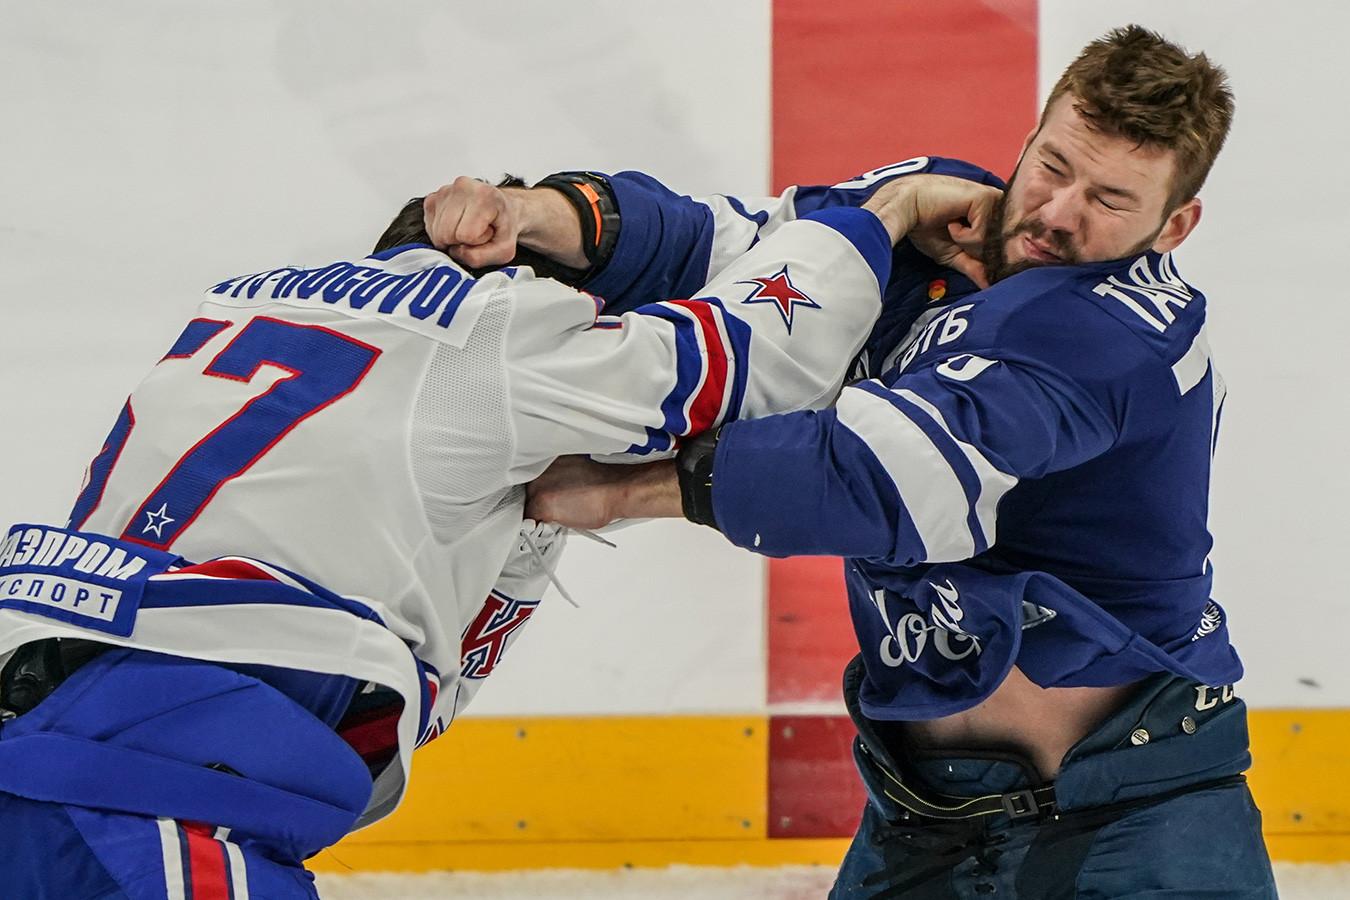 Тарасов дрался на кулаках, маскот летал над трибунами. Яркие фото победы СКА над «Динамо»